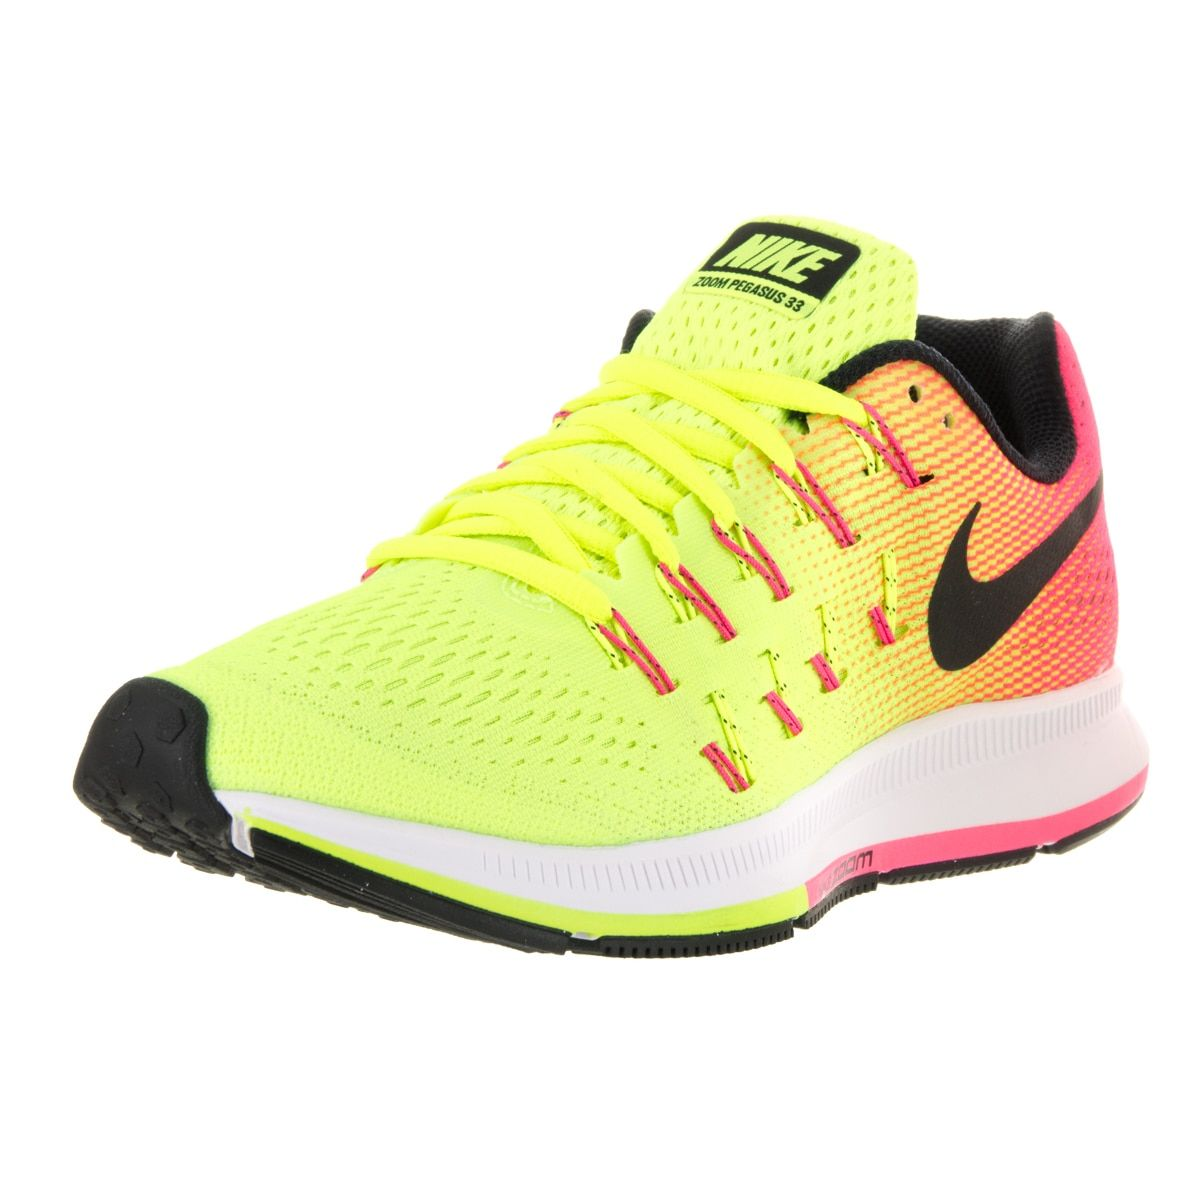 Nike Herren Air Zoom Pegasus 33 Laufschuhe, weiß, 8.5 EU